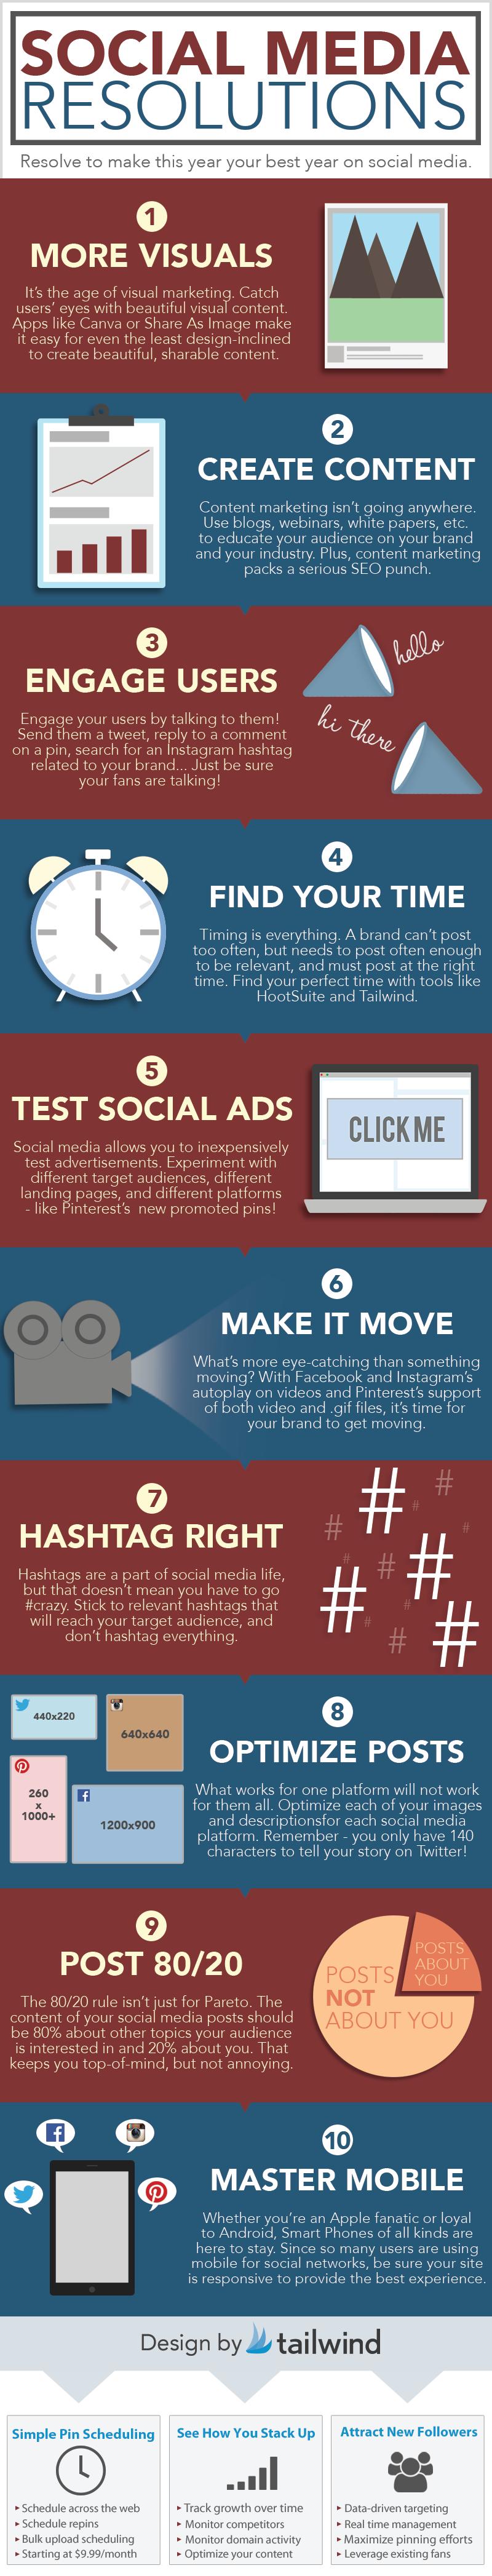 Social Media New Year's Resolutions [Infographic] image Social Media Resolution.png